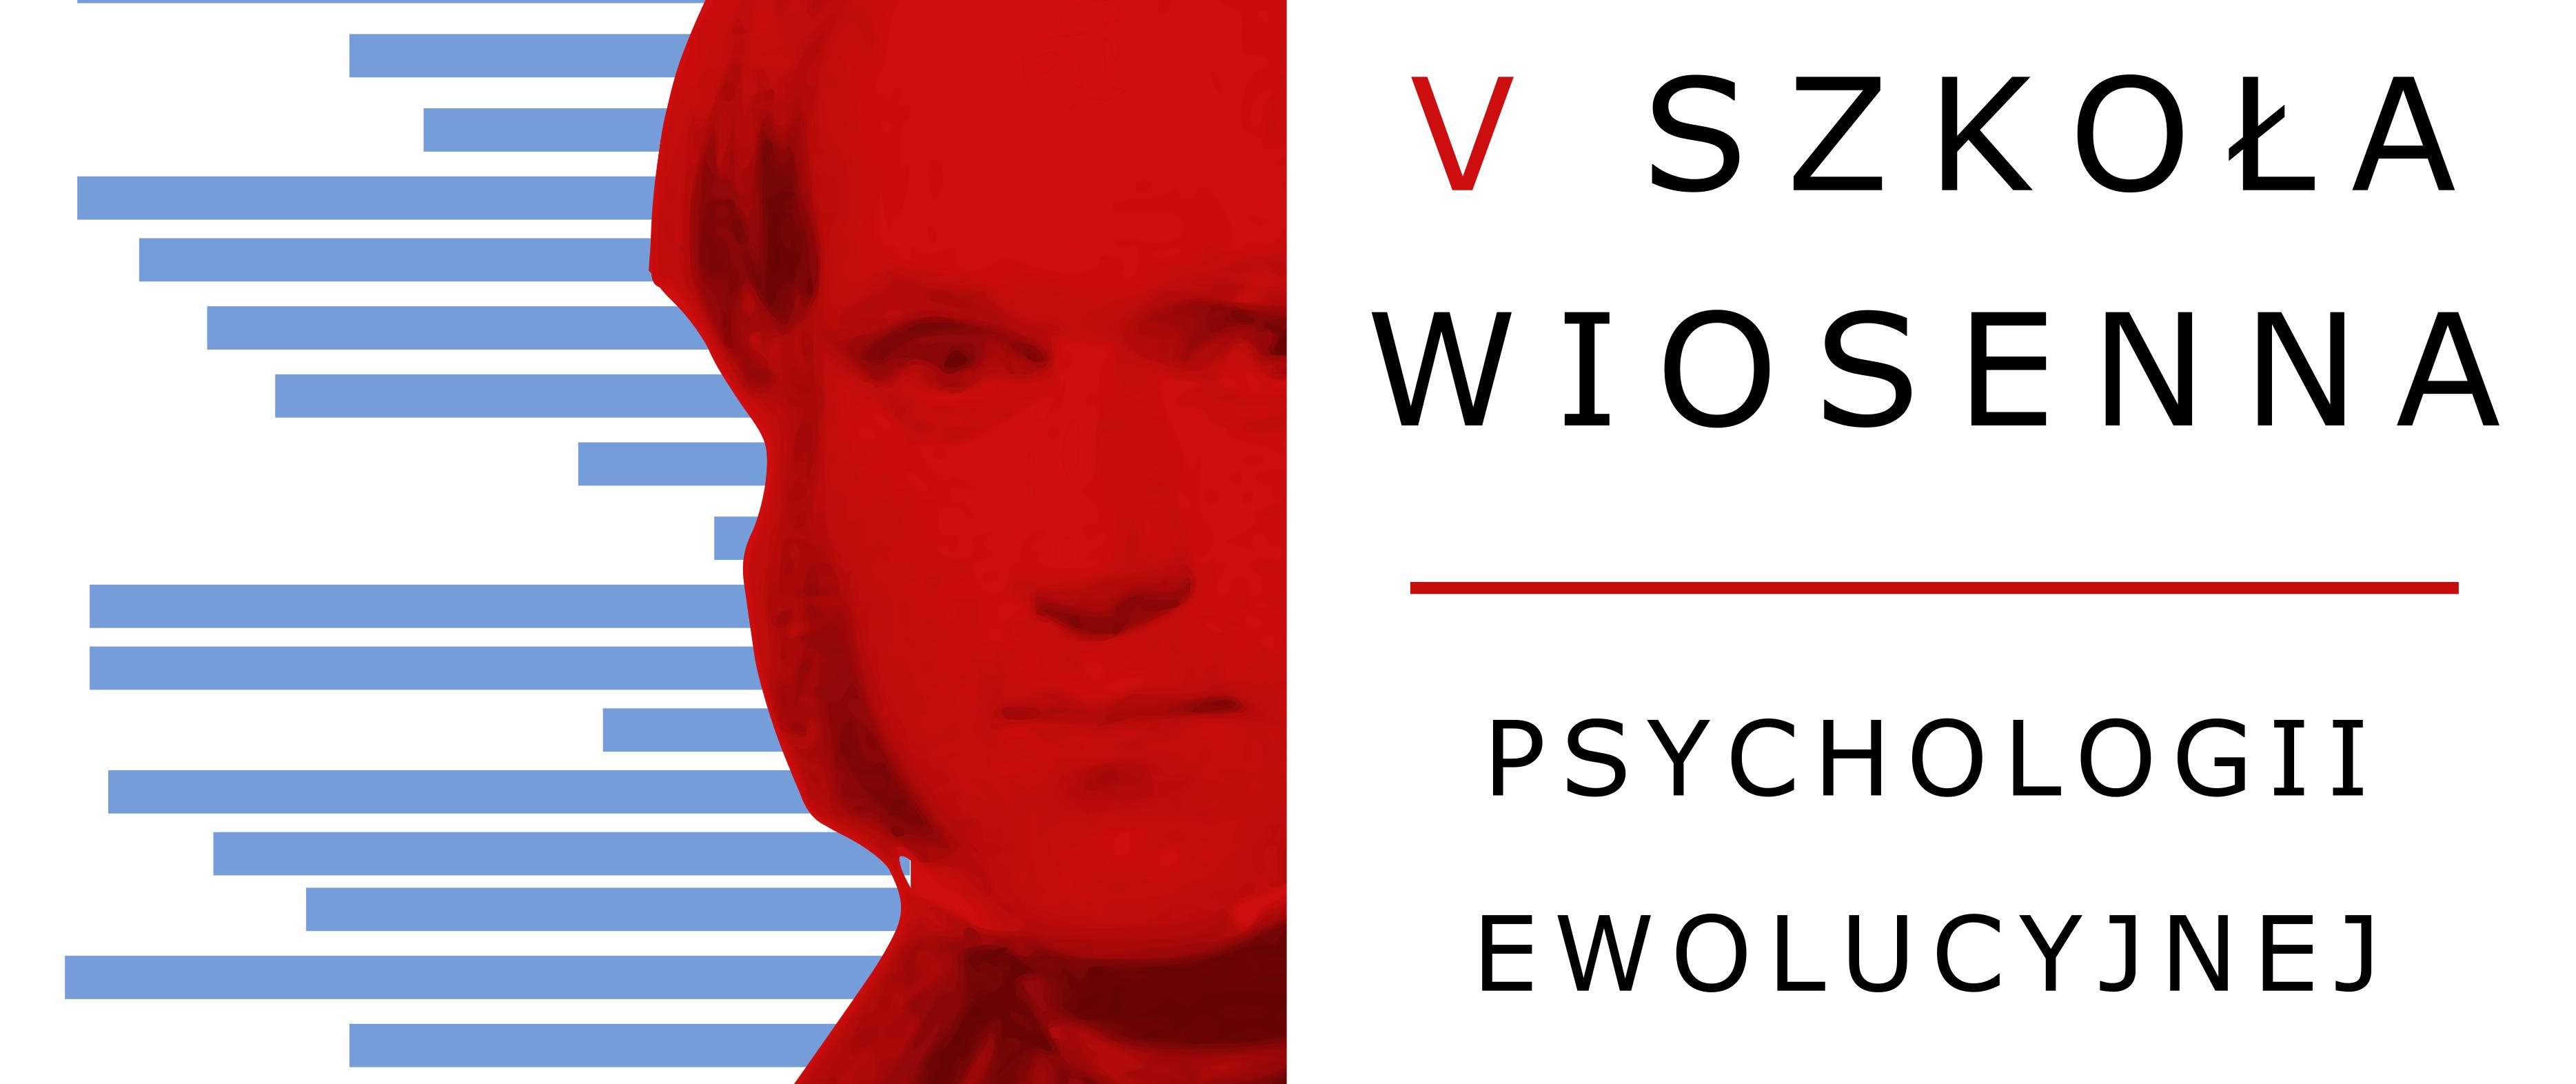 V Szkoła Wiosenna Psychologii Ewolucyjnej